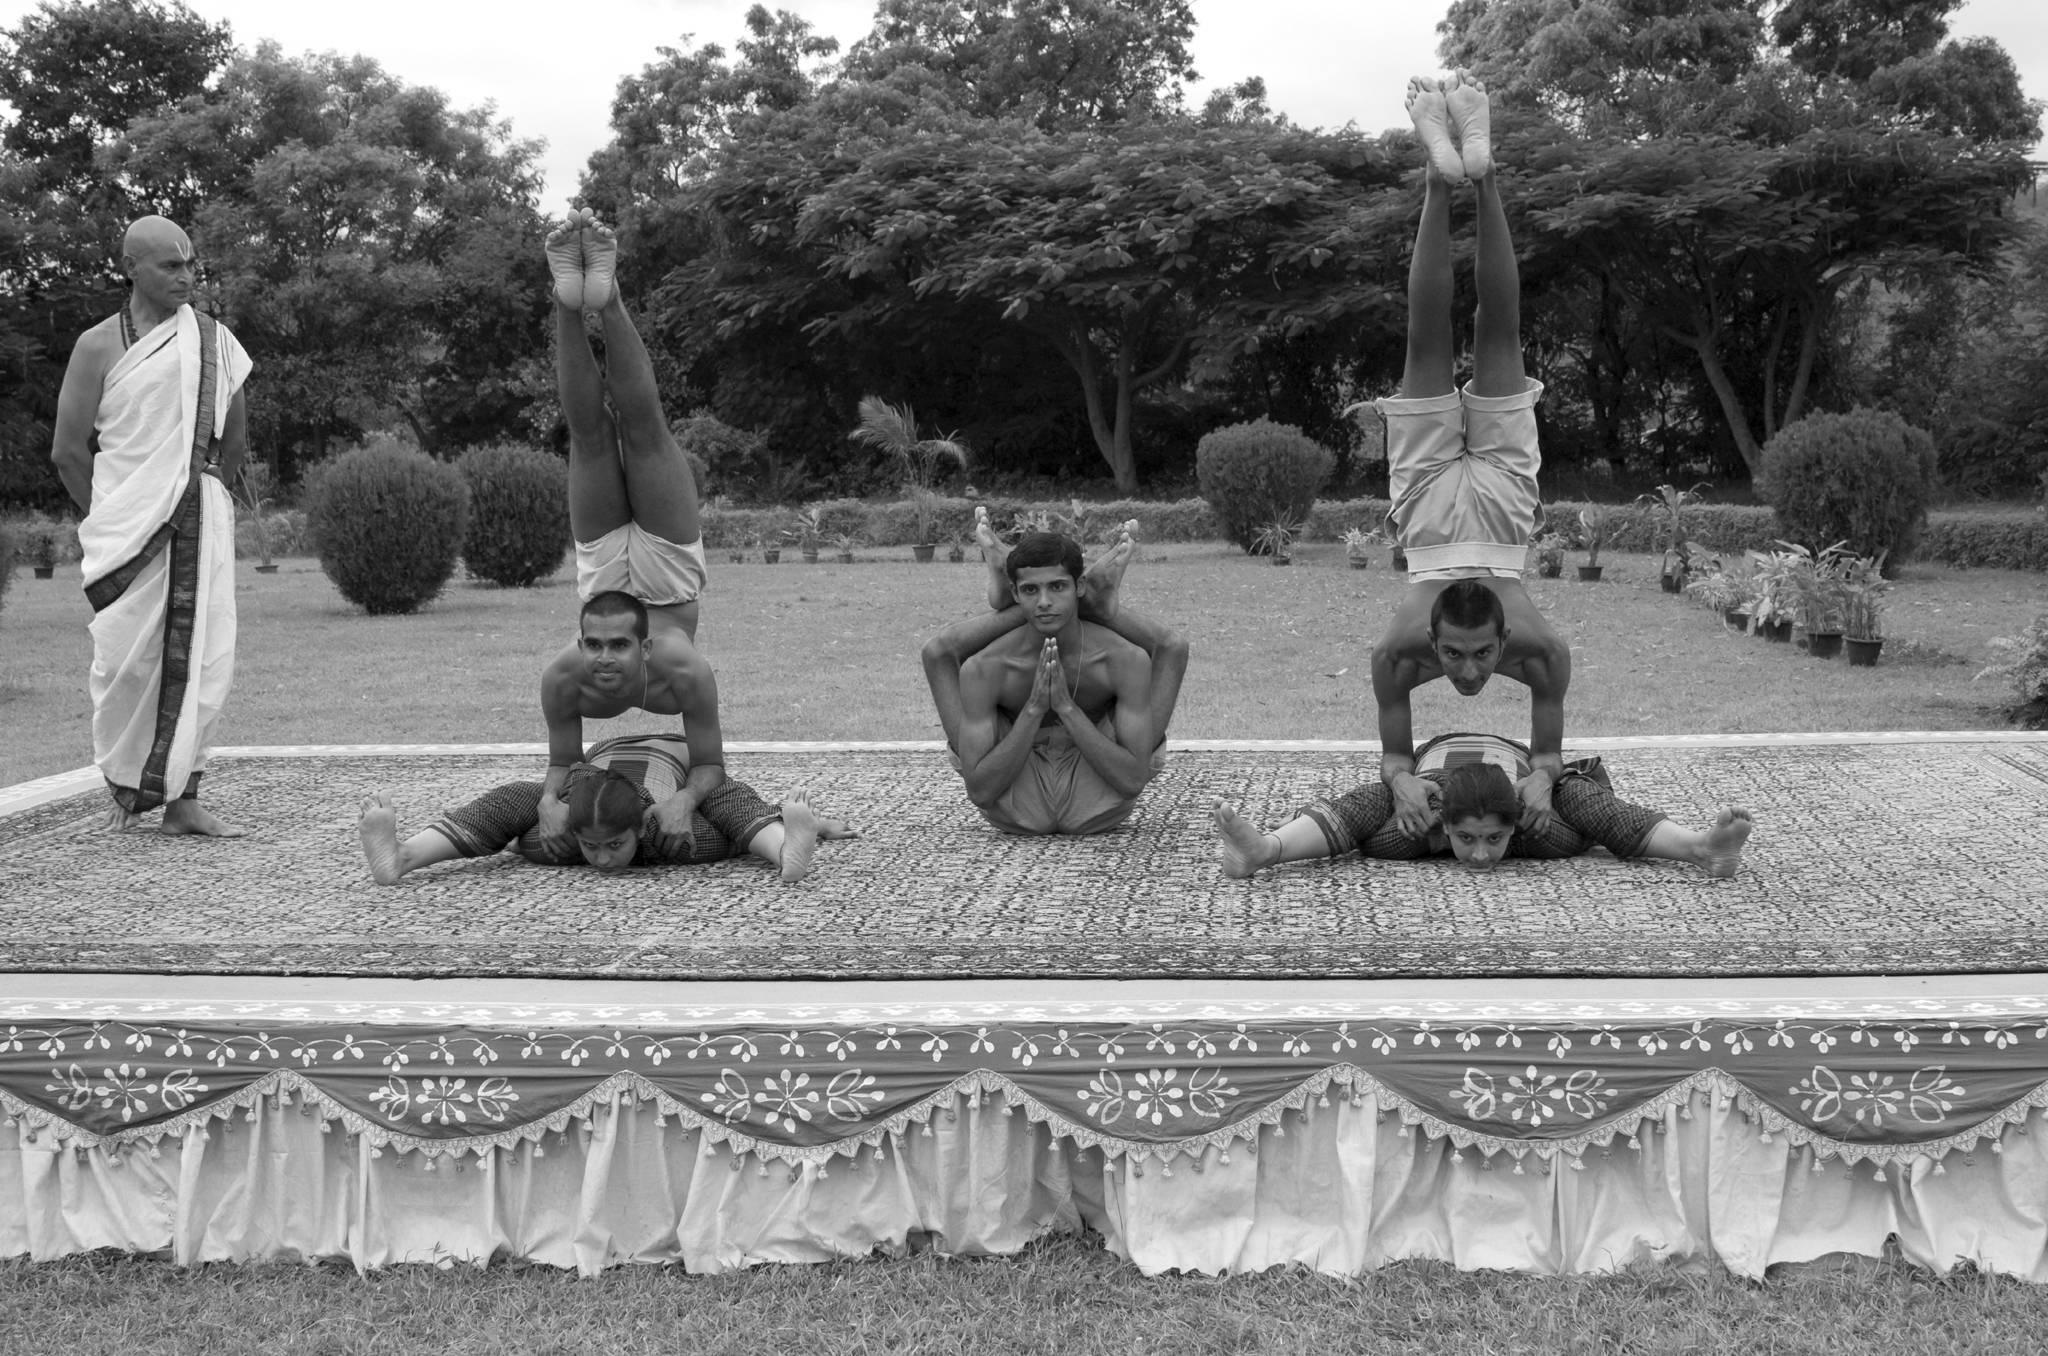 Восьмиступенчатая система йоги и путь духовного развития